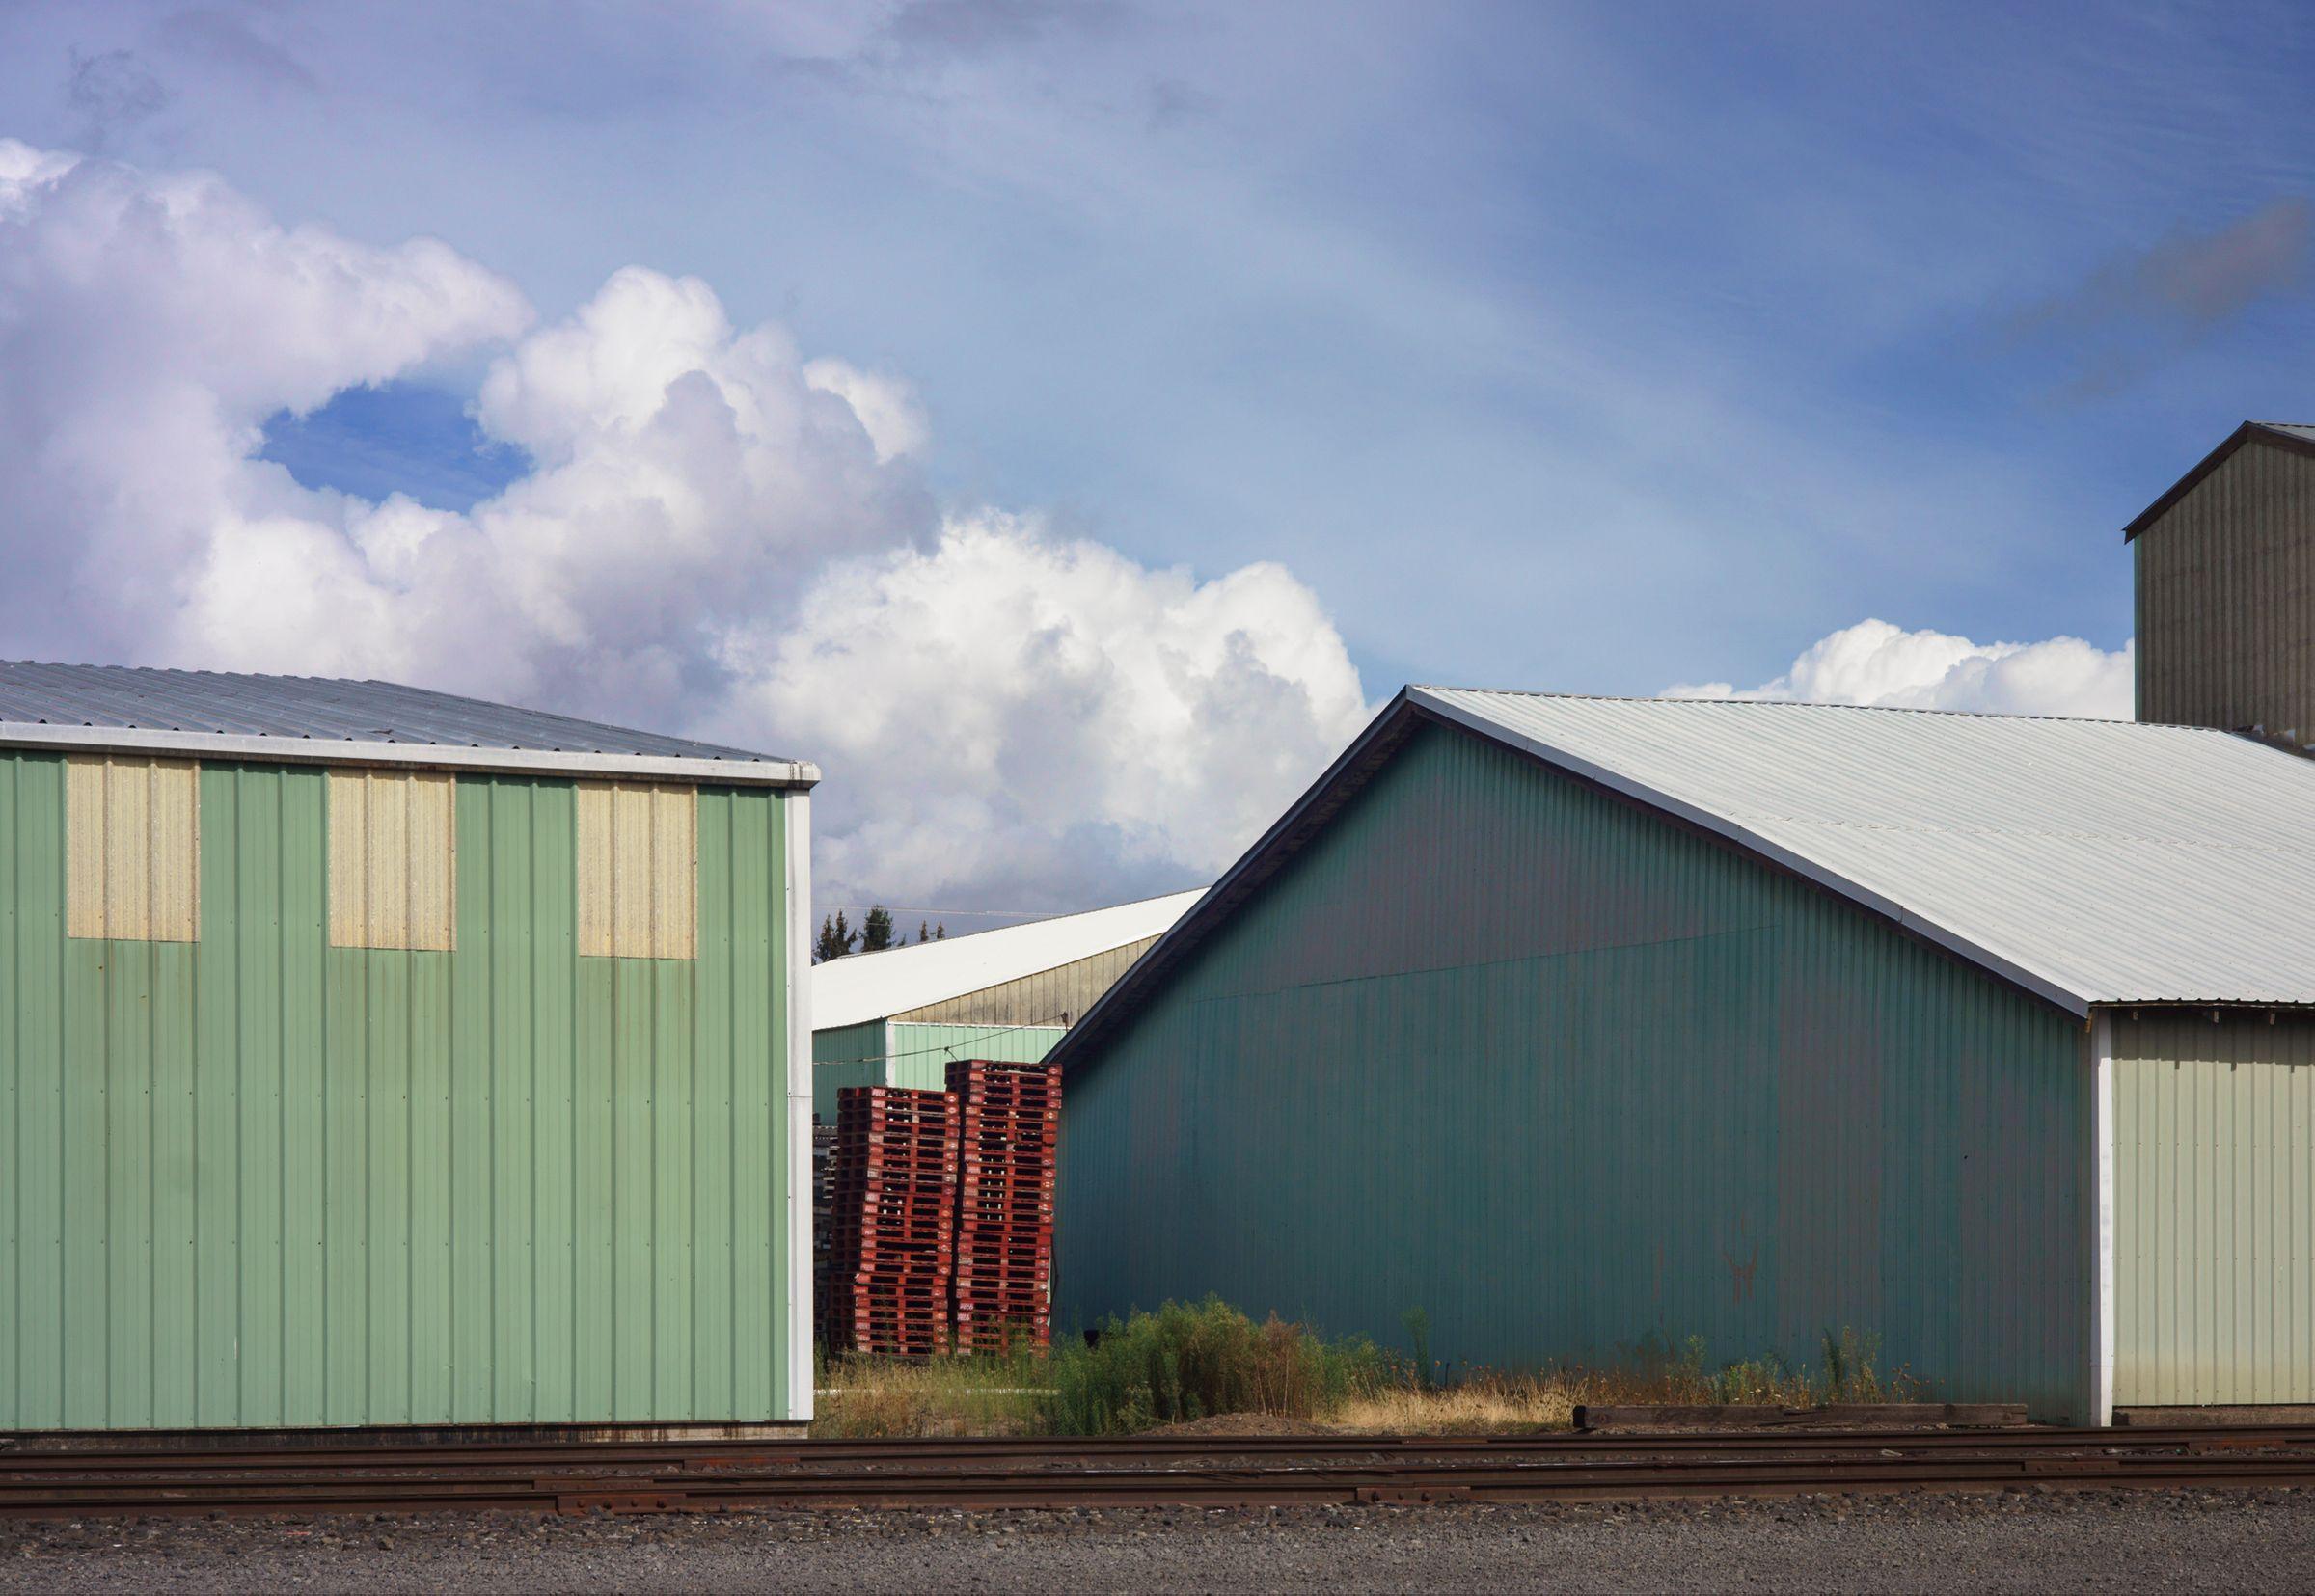 Train Yard, Oregon